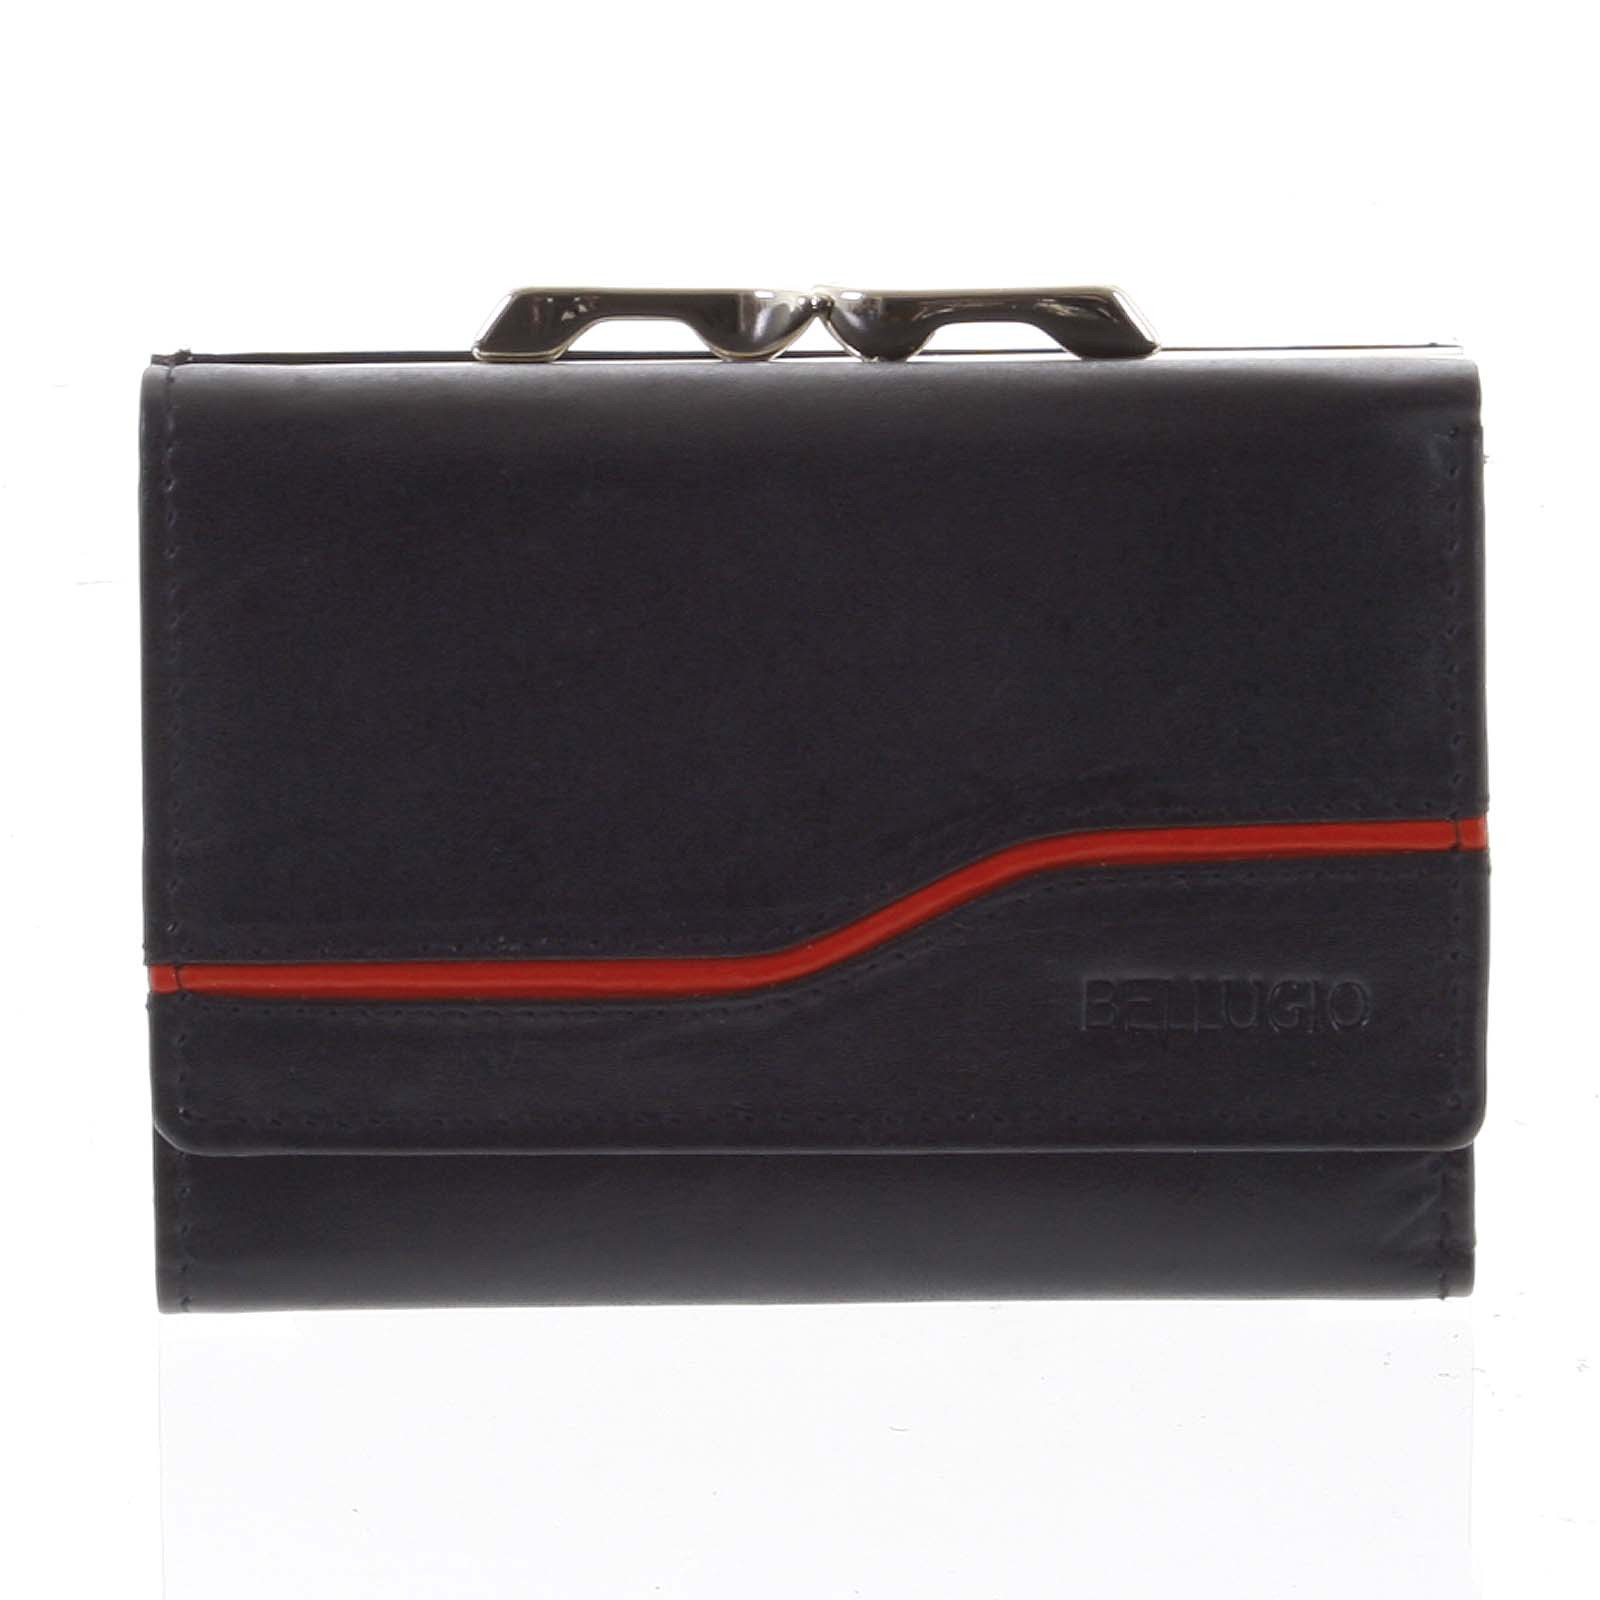 Dámska kožená peňaženka čierna - Bellugio Tarea čierna